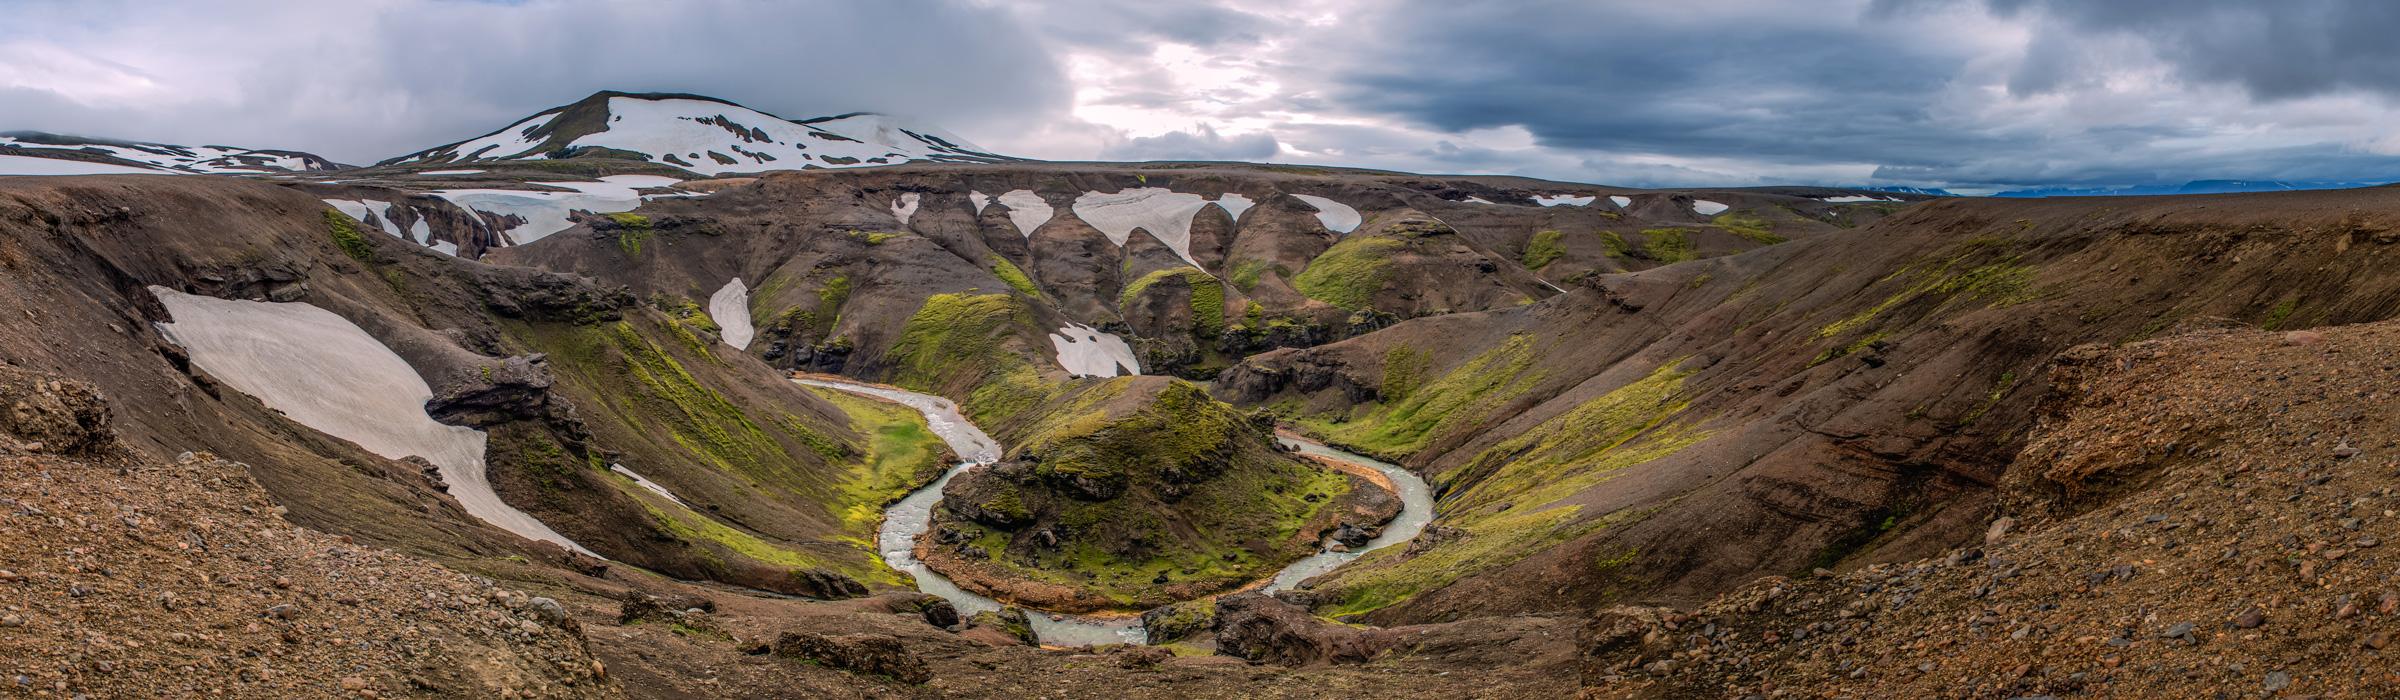 Atemberaubende Landschaft in Island